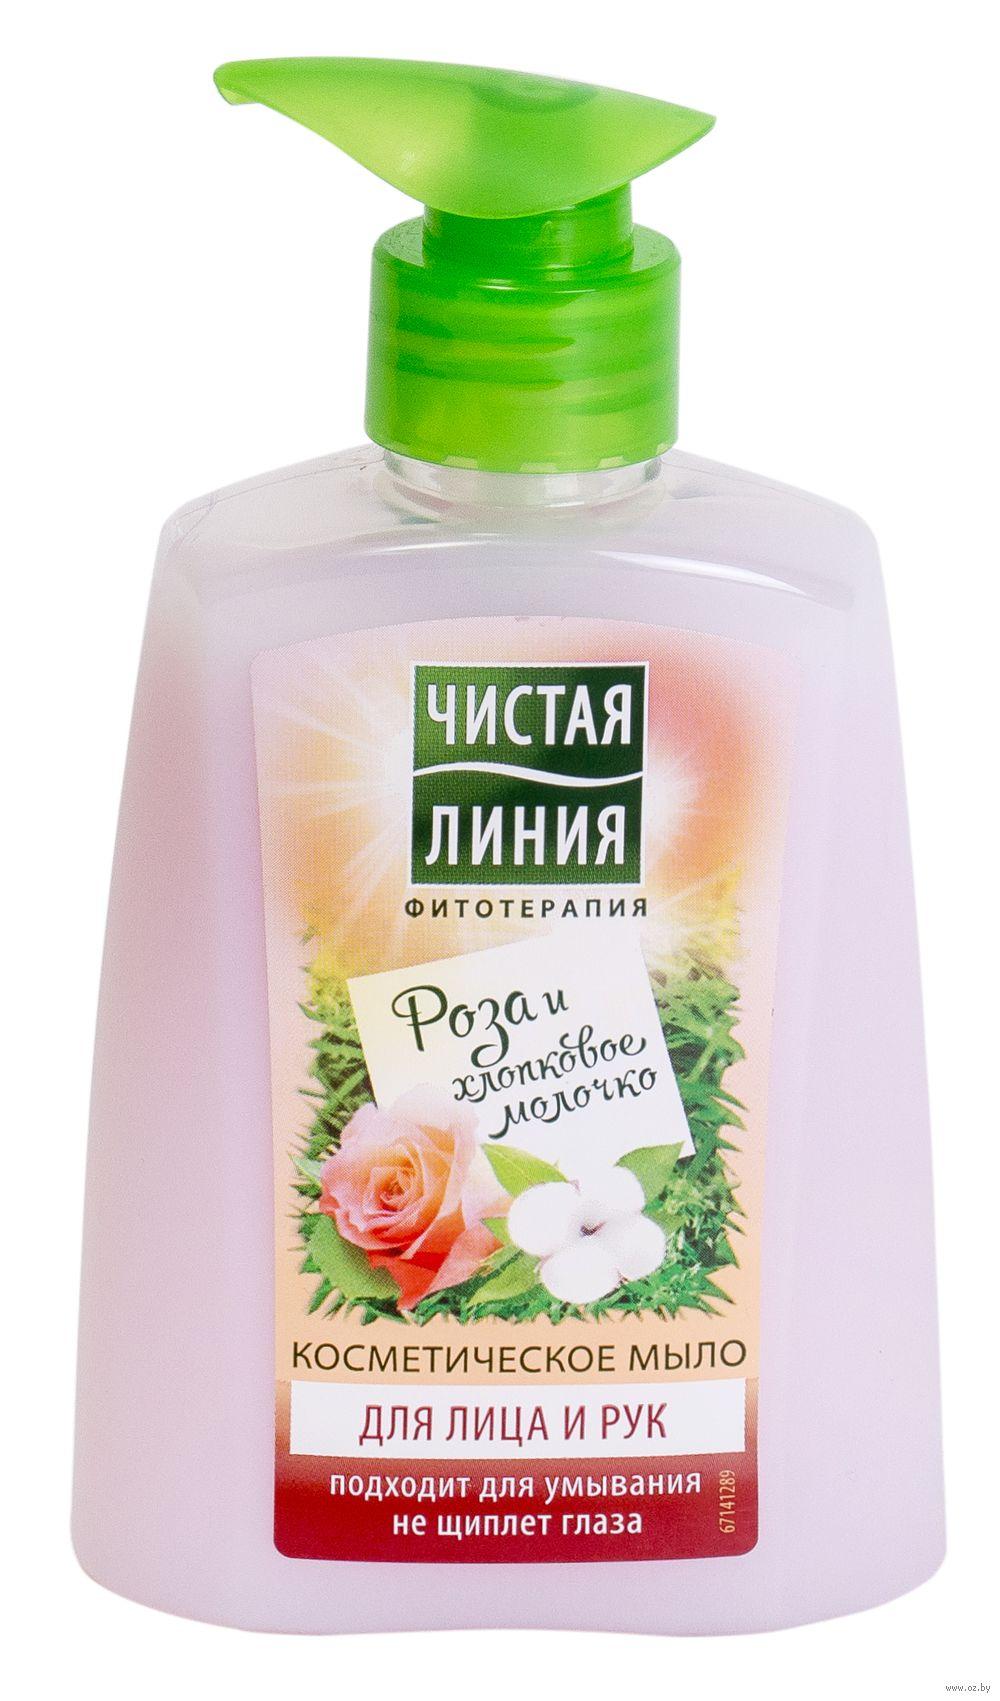 Косметическое мыло своими руками